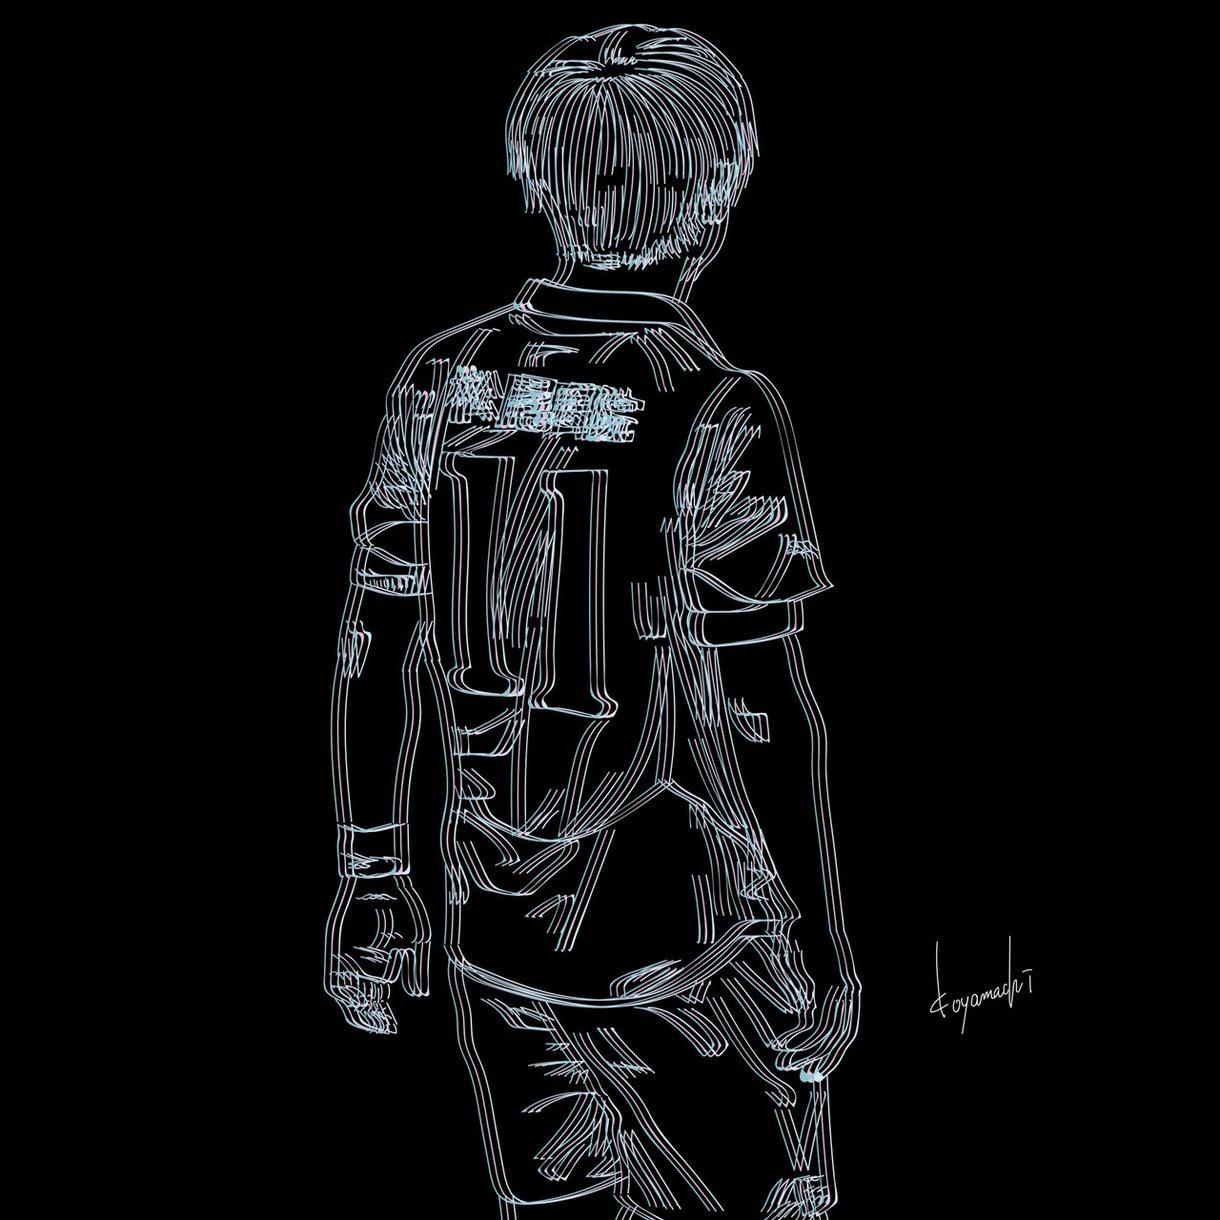 あなたの似顔絵を3D線画で描かせて頂きます 世界に1つだけのあなただけの3D線画